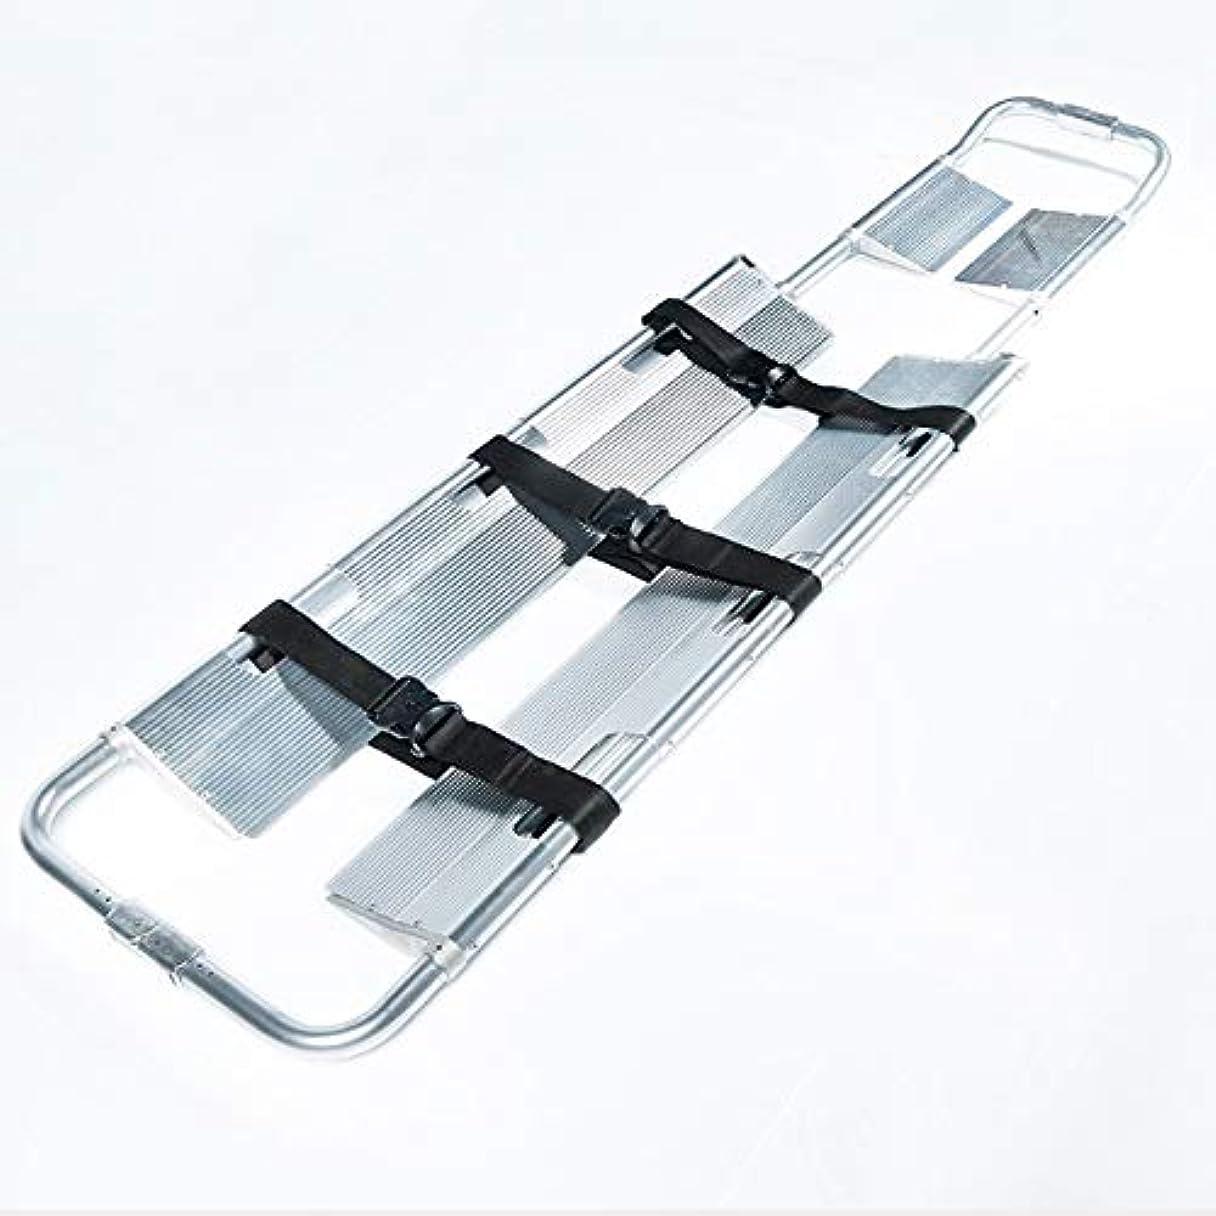 試みるエジプト膨らませる整形外科用ストレッチャー救急車プロファイルストレッチャー用ストラップ (Color : A)